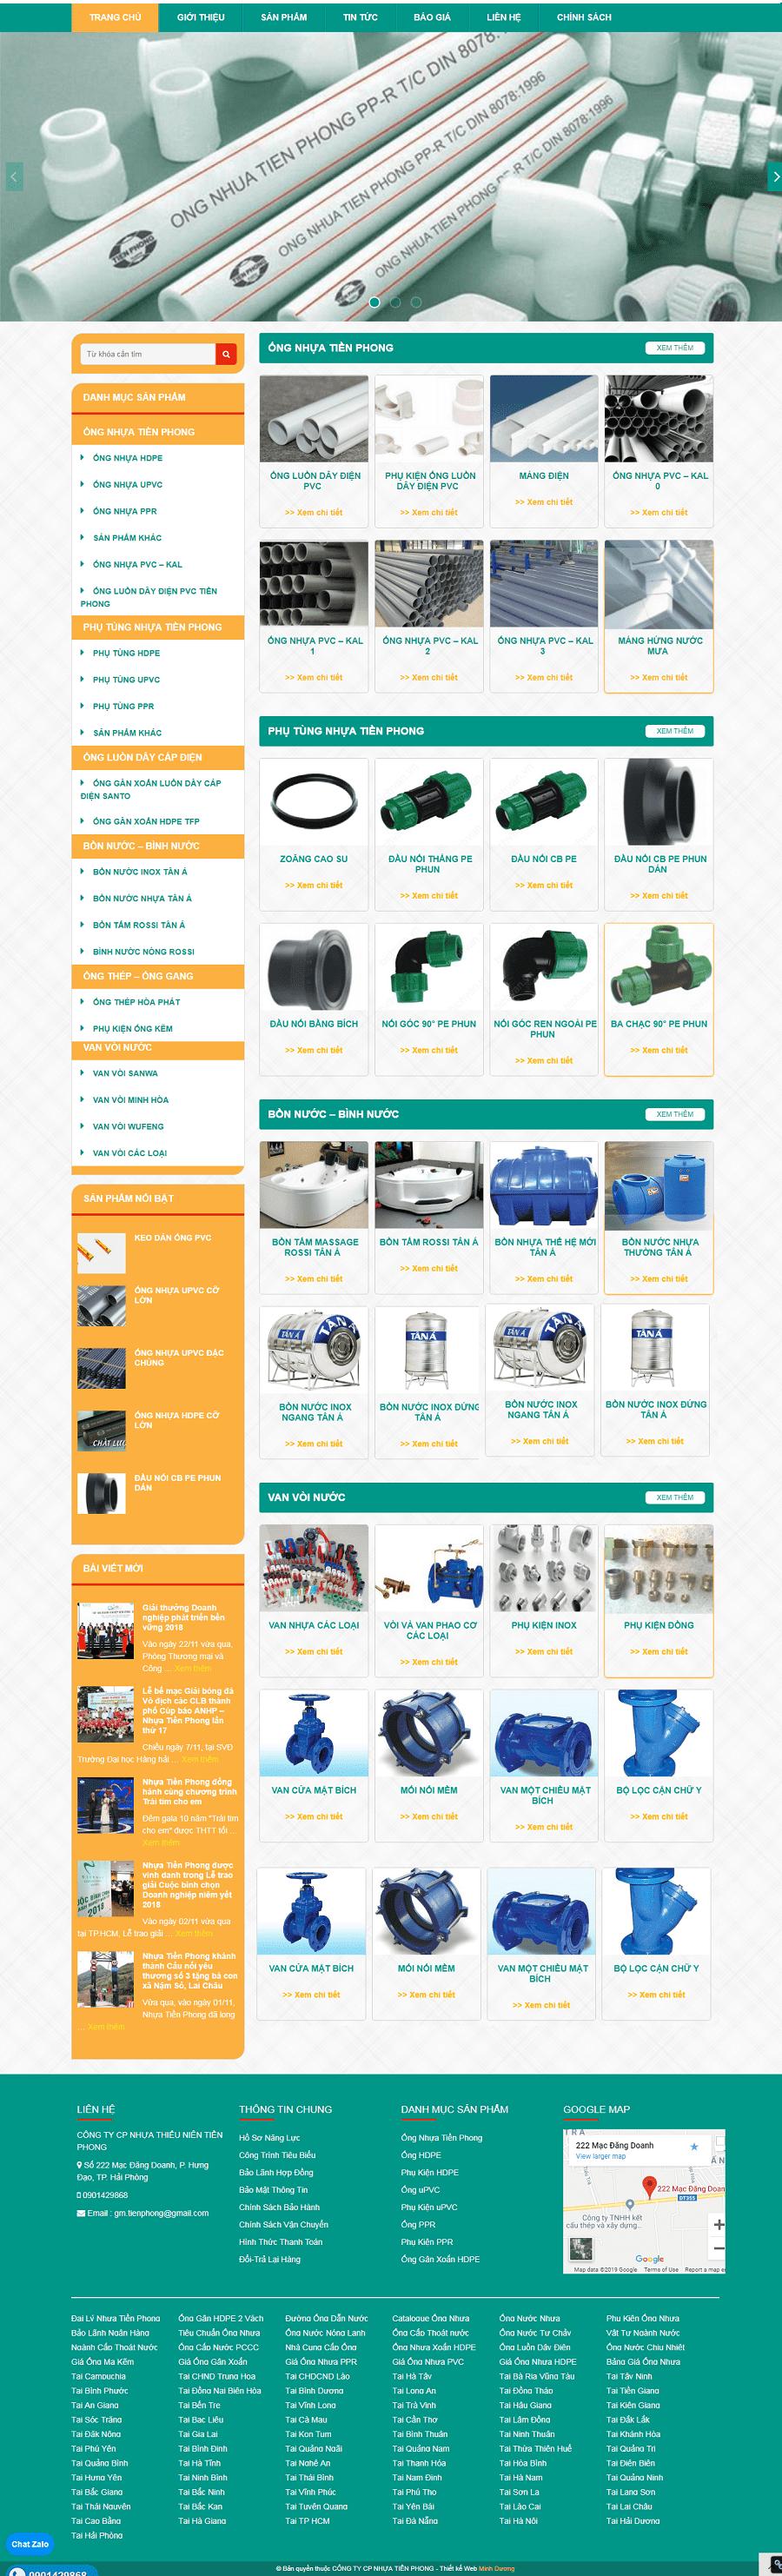 Thiết kế web bán ống nhựa tiền Phong chuyên nghiệp giá rẻ